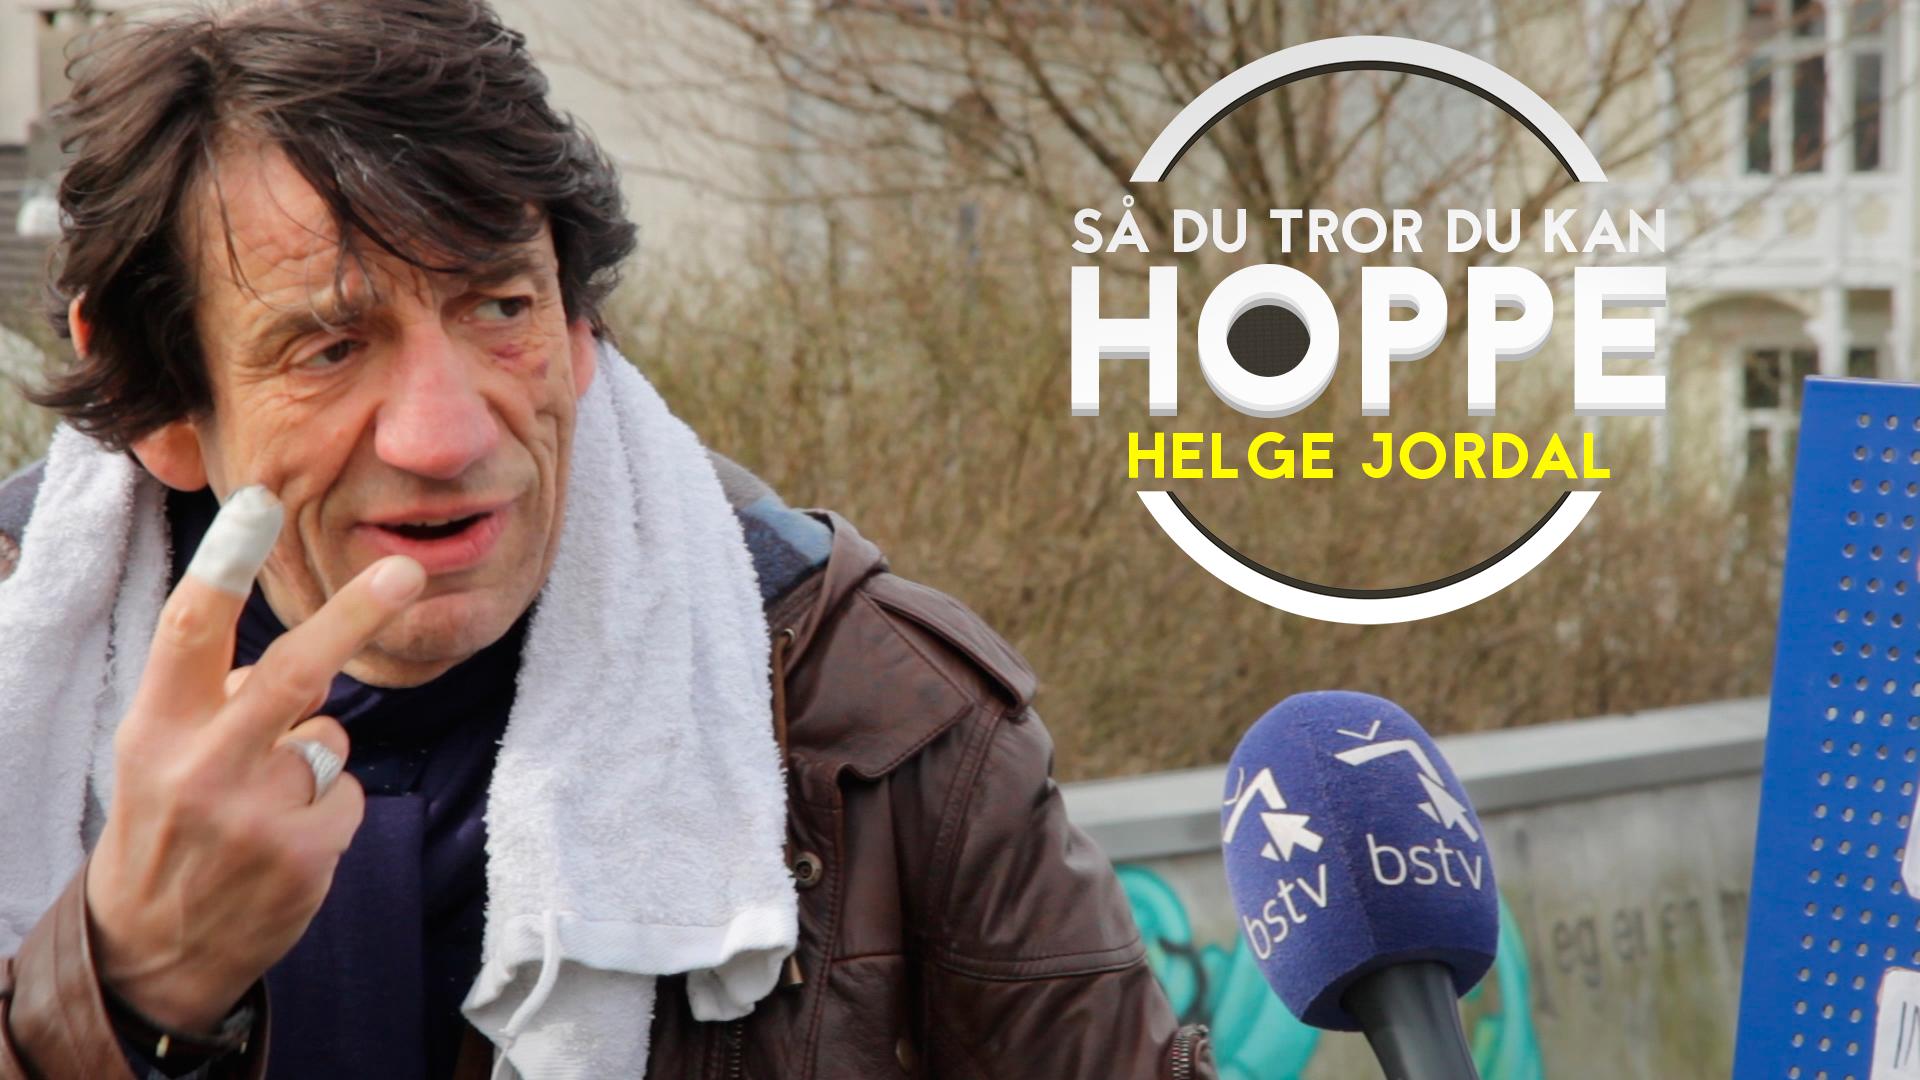 Så du tror du kan hoppe? Episode 10: Helge Jordal